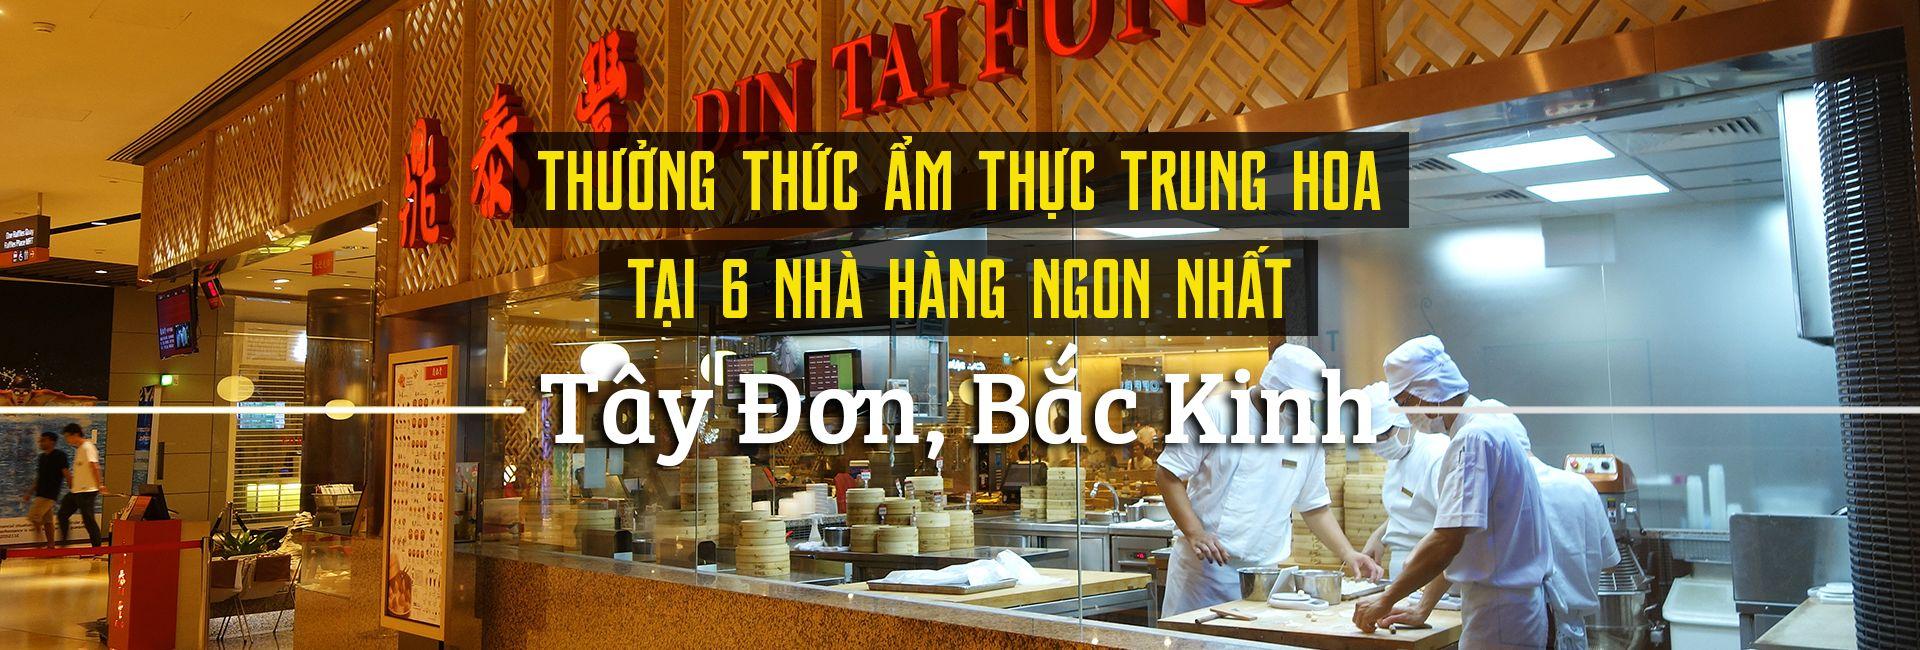 Top 6 nhà hàng ngon nhất ở phố Tây Đơn, Bắc Kinh